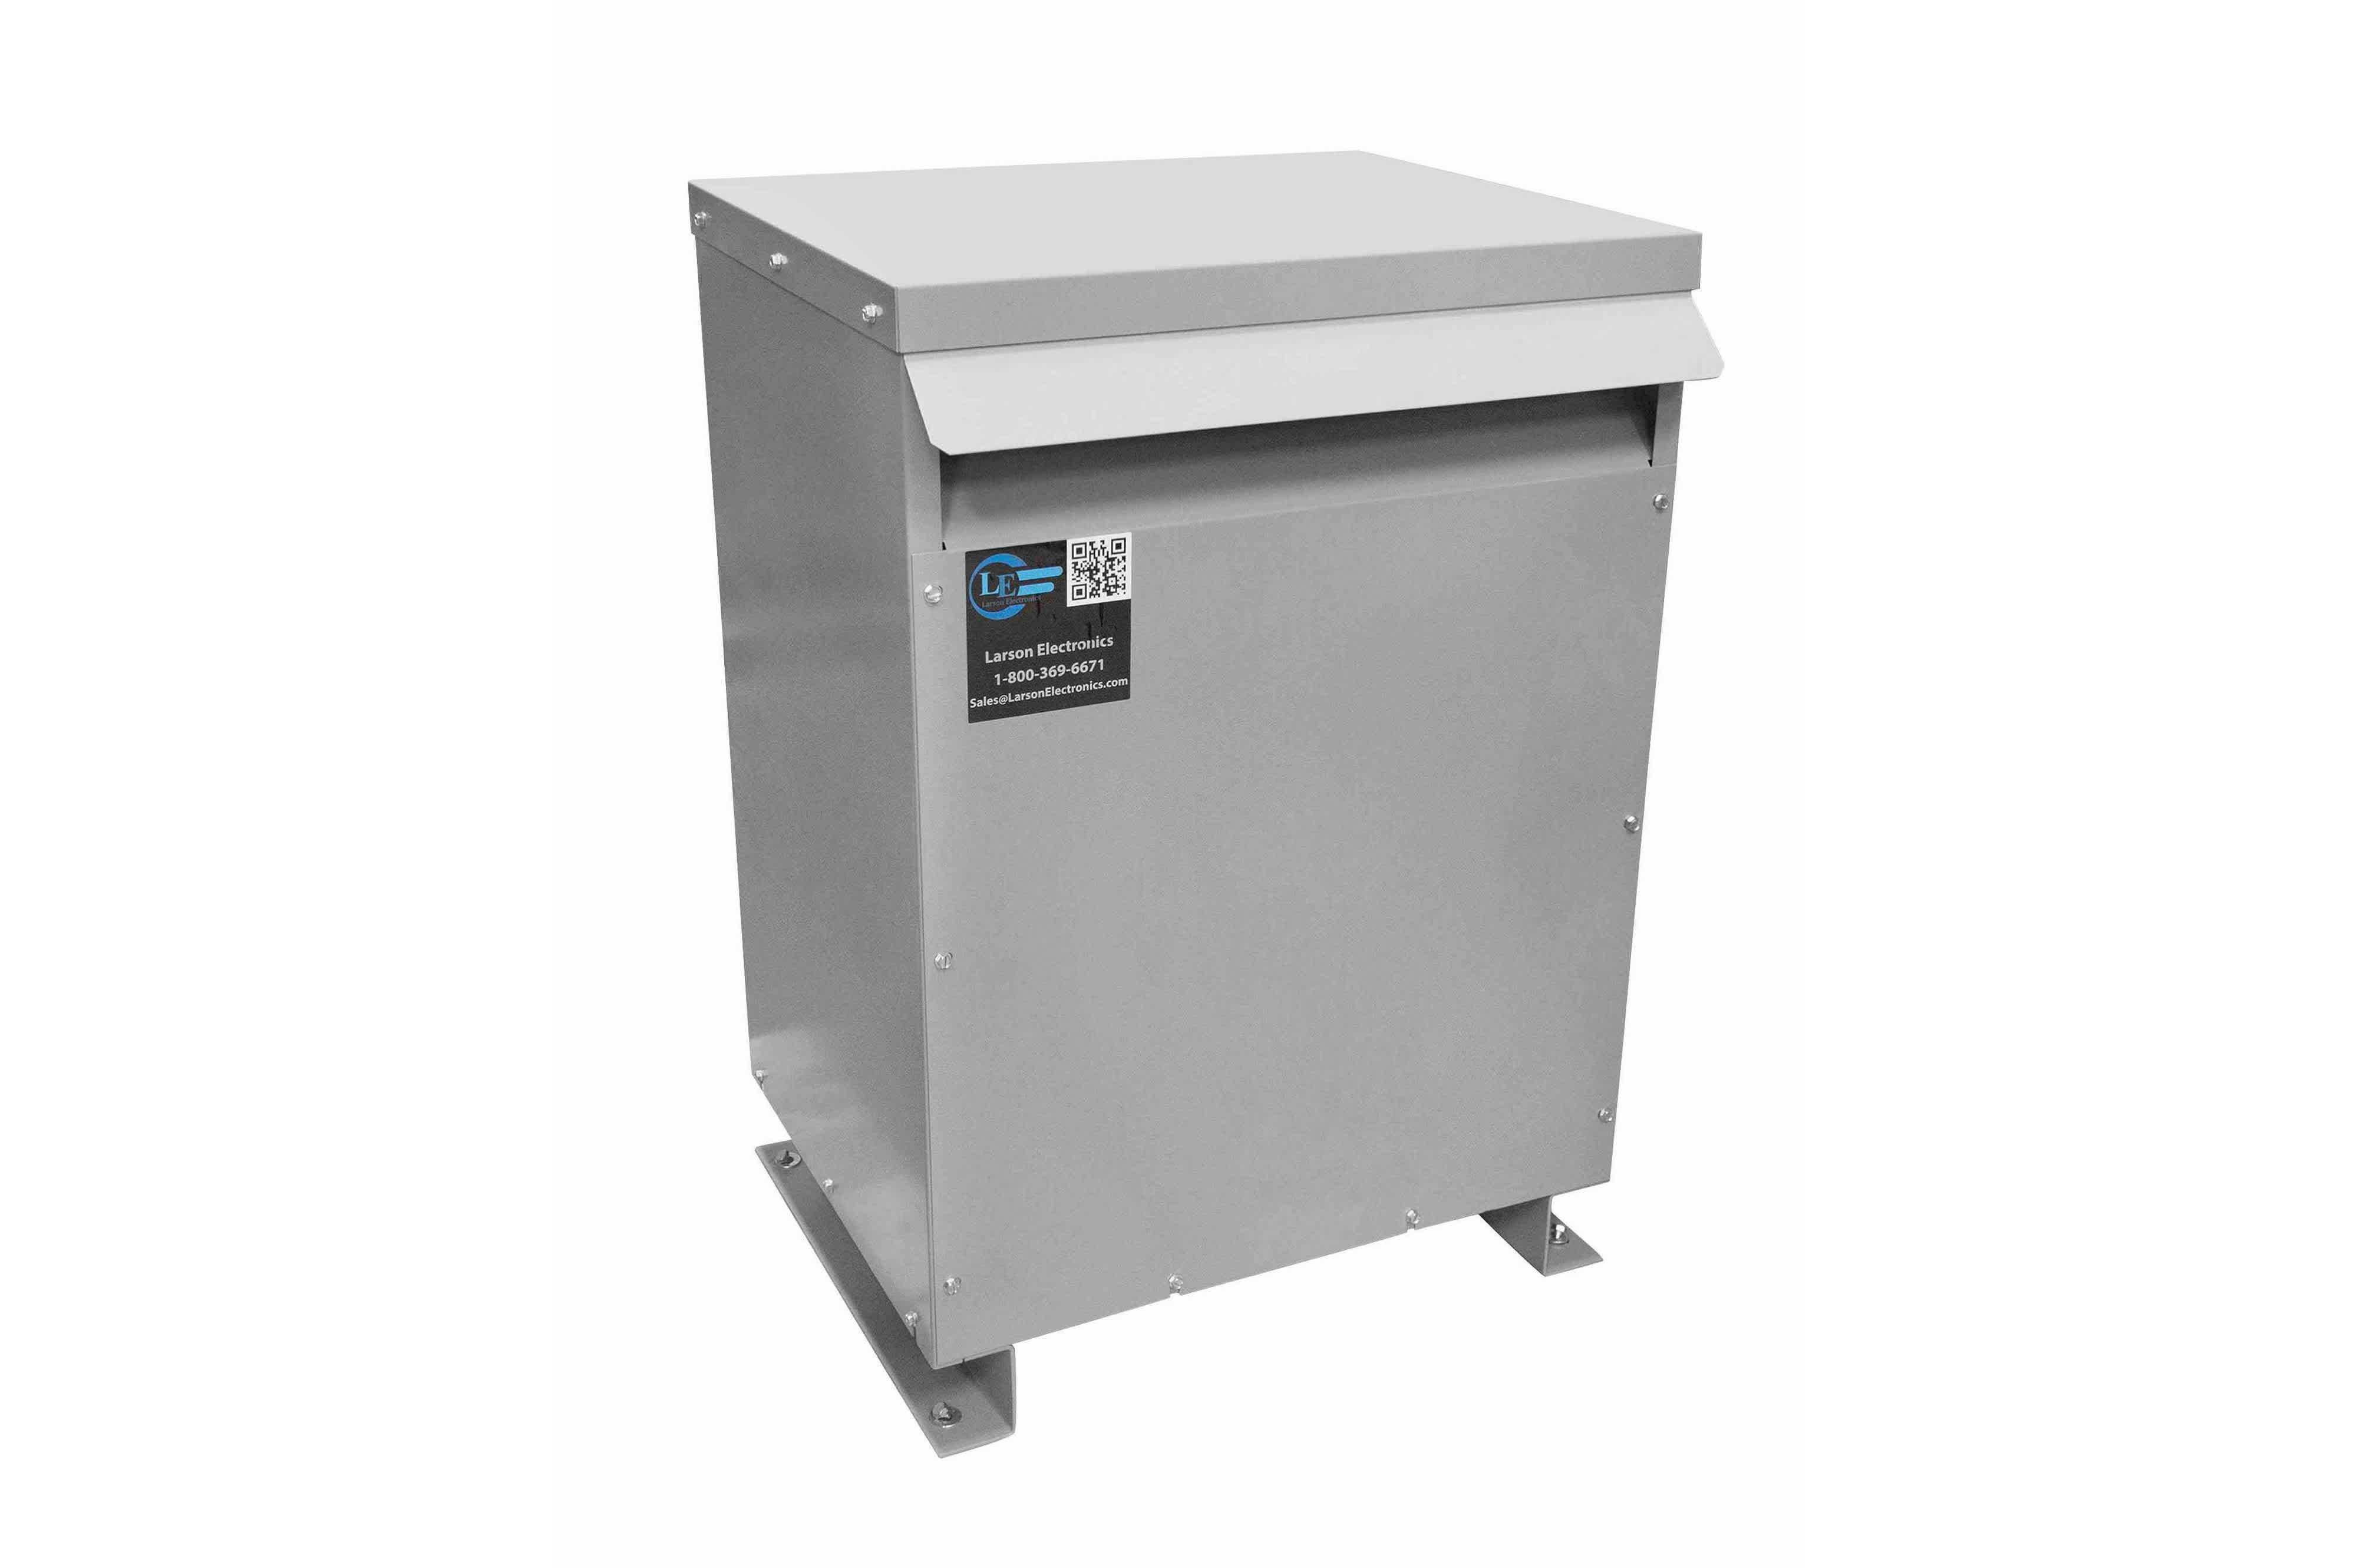 70 kVA 3PH Isolation Transformer, 600V Delta Primary, 400V Delta Secondary, N3R, Ventilated, 60 Hz